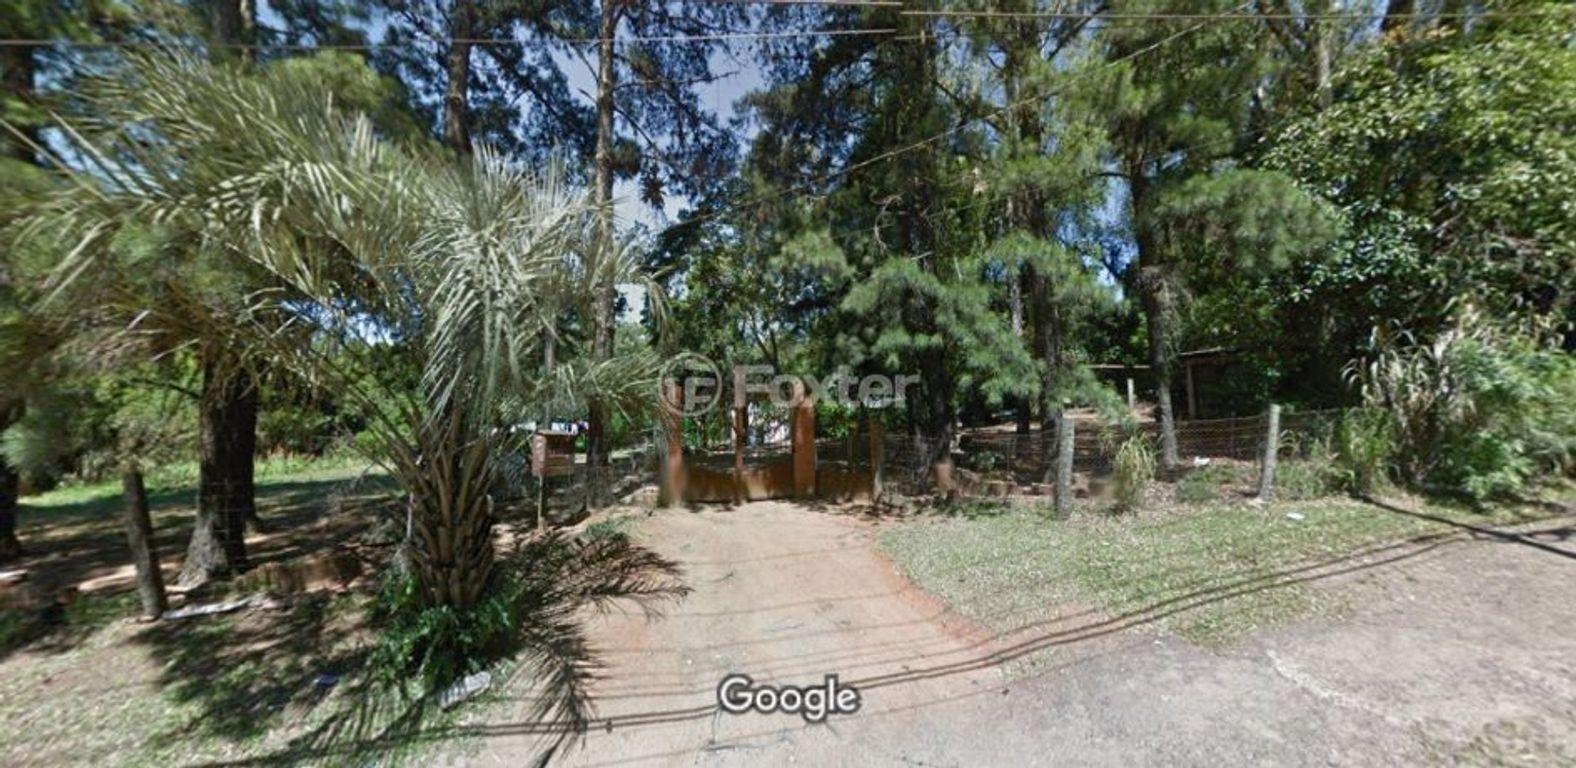 Foxter Imobiliária - Terreno, Agronomia (148698) - Foto 4